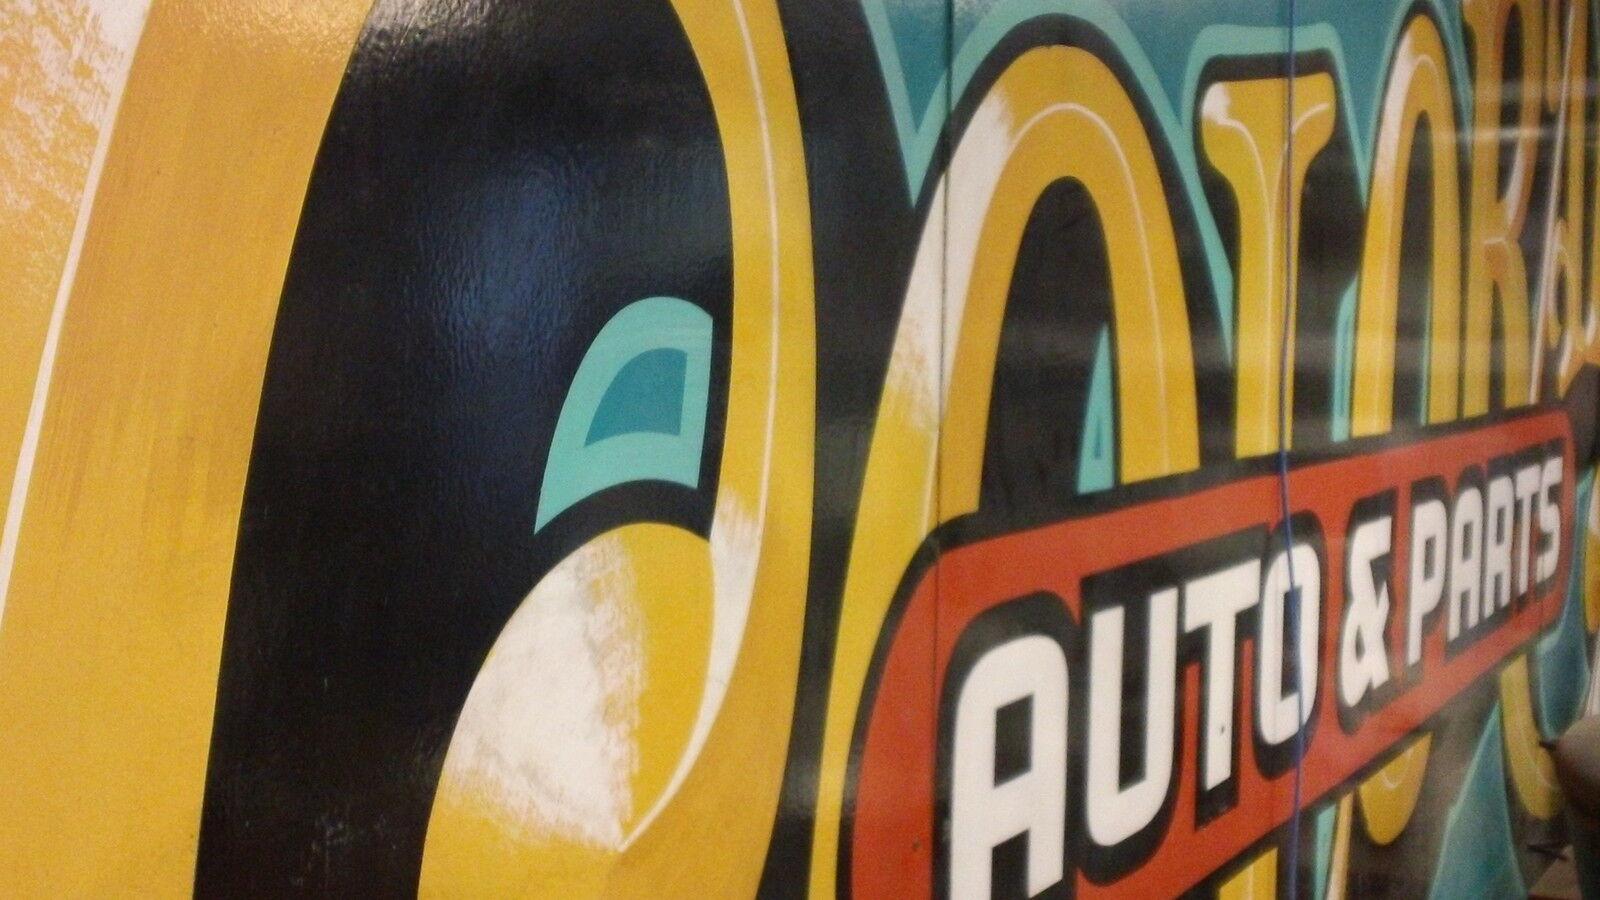 Colorado Auto & Parts